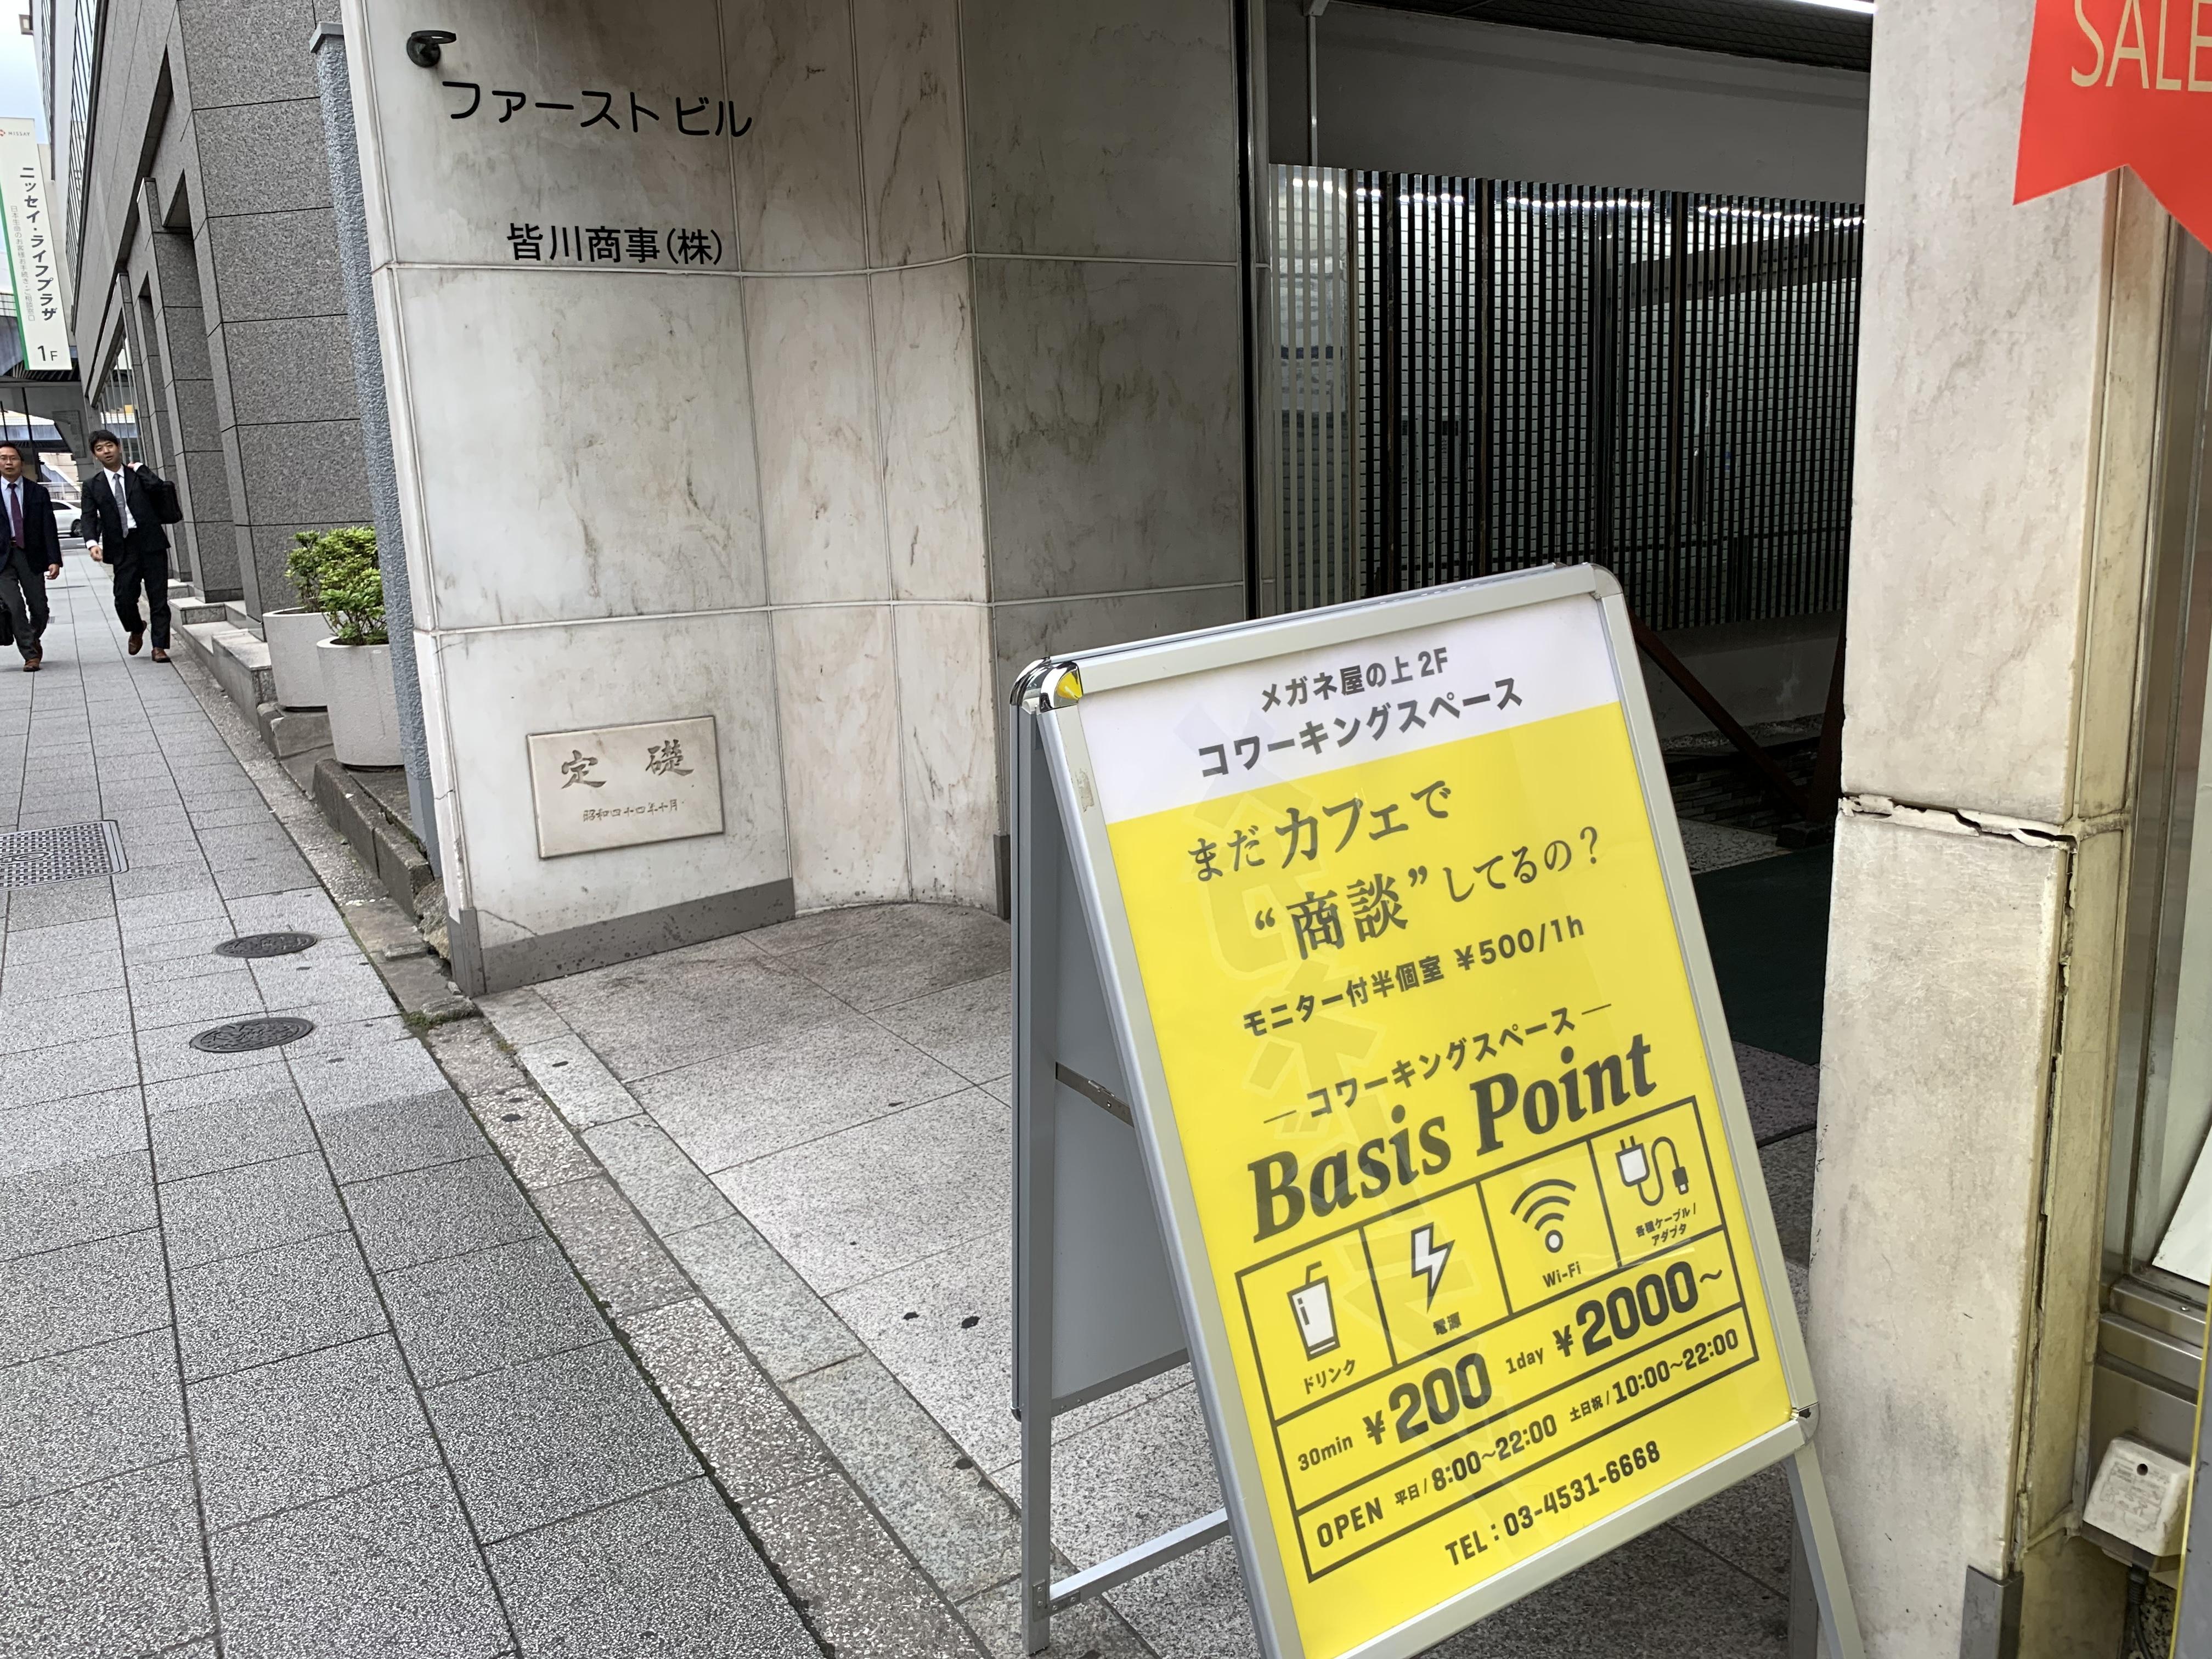 上野駅中央口 電源カフェ Basis Point 上野店 Wi-Fi